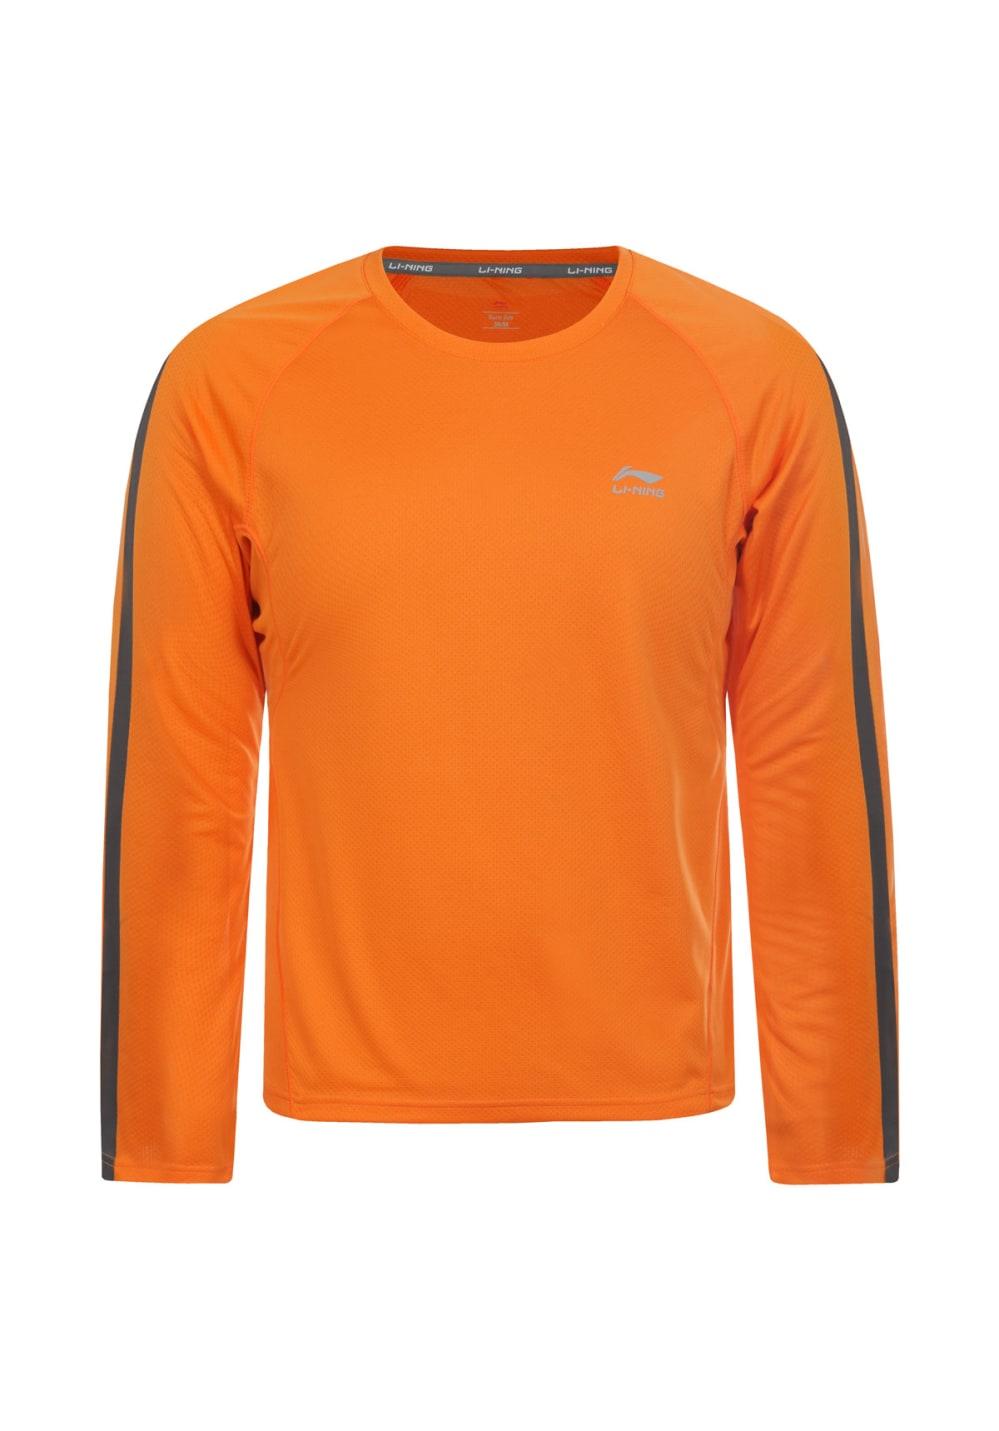 Li-Ning Sophie Long Sleeve - Laufshirts für Damen - Orange, Gr. XL